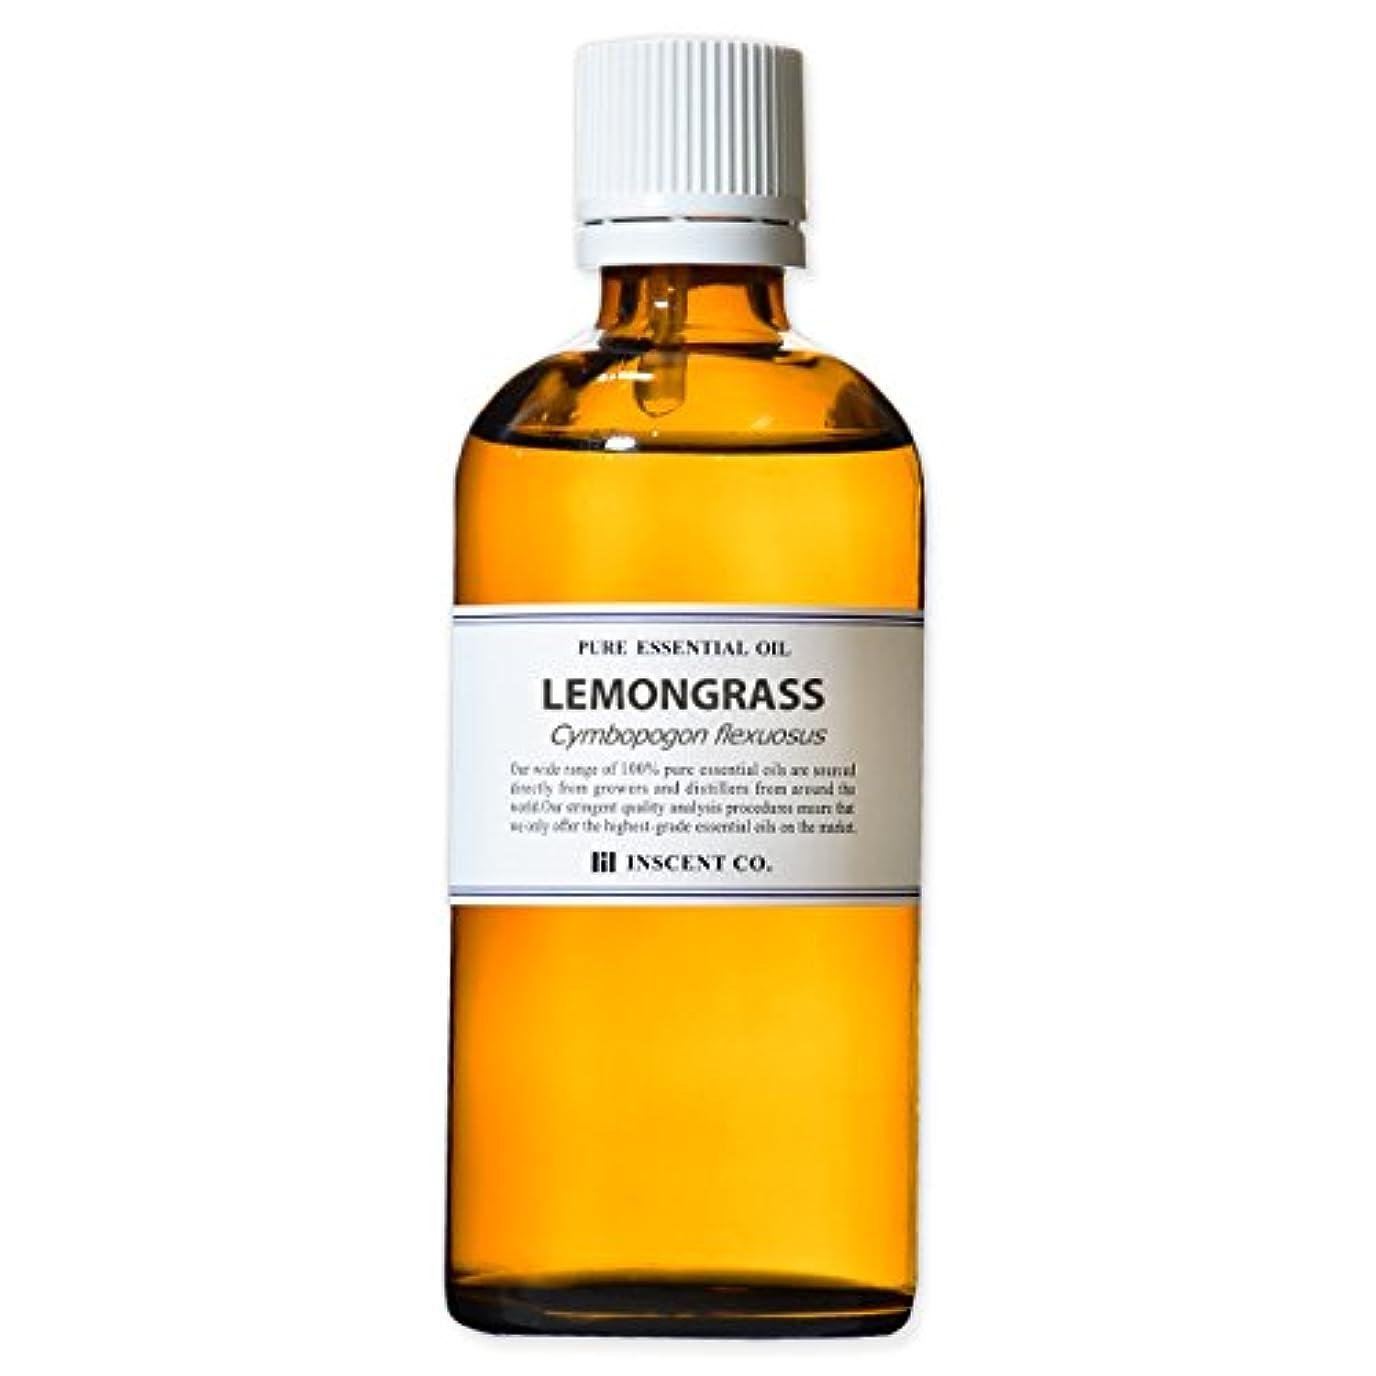 合体一口くそーレモングラス 100ml インセント エッセンシャルオイル 精油 アロマオイル